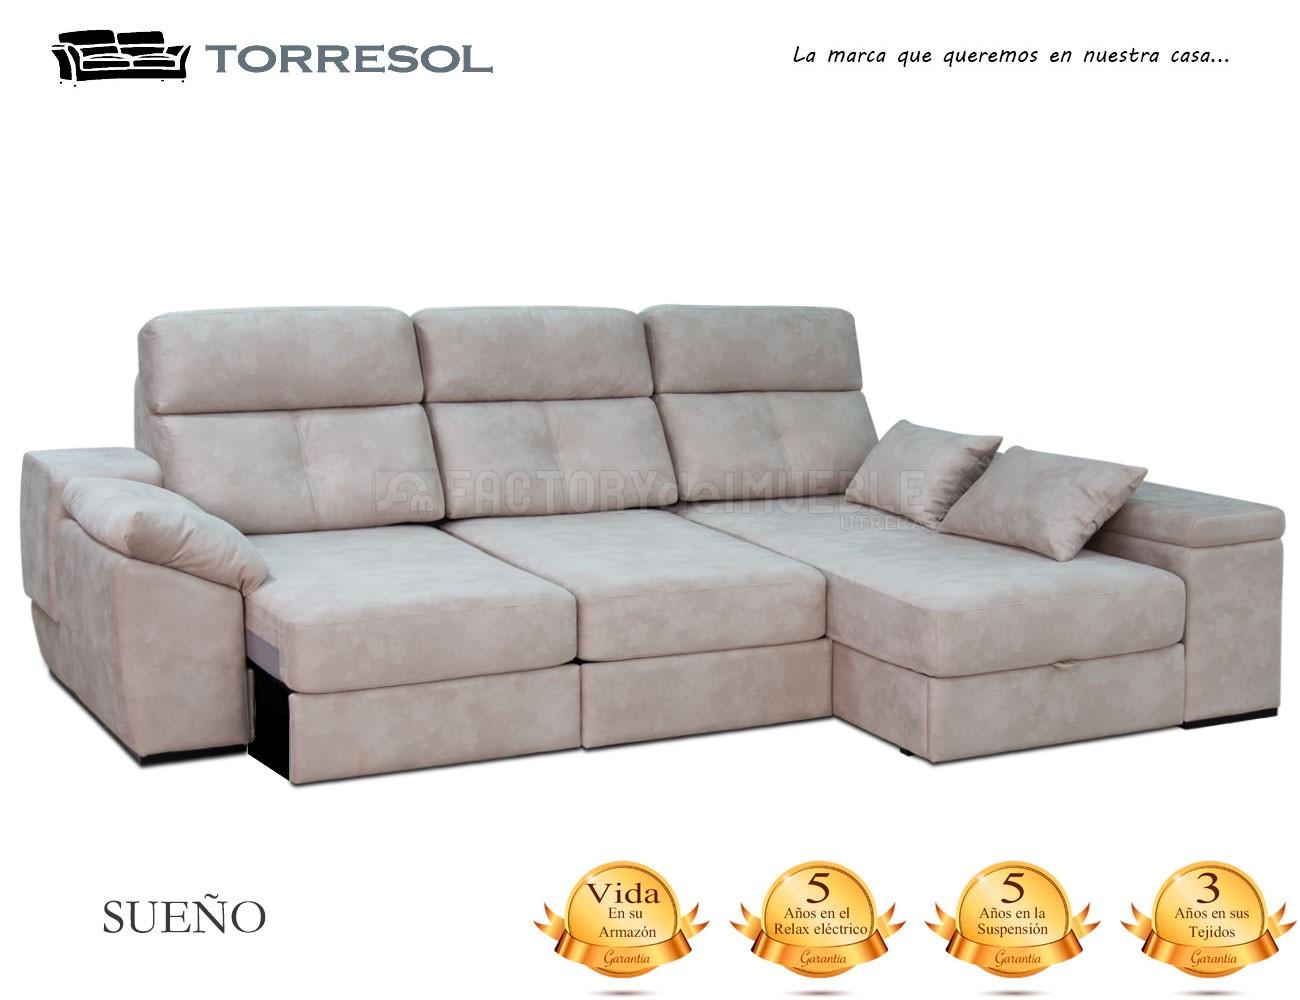 Sofa sueno torresol